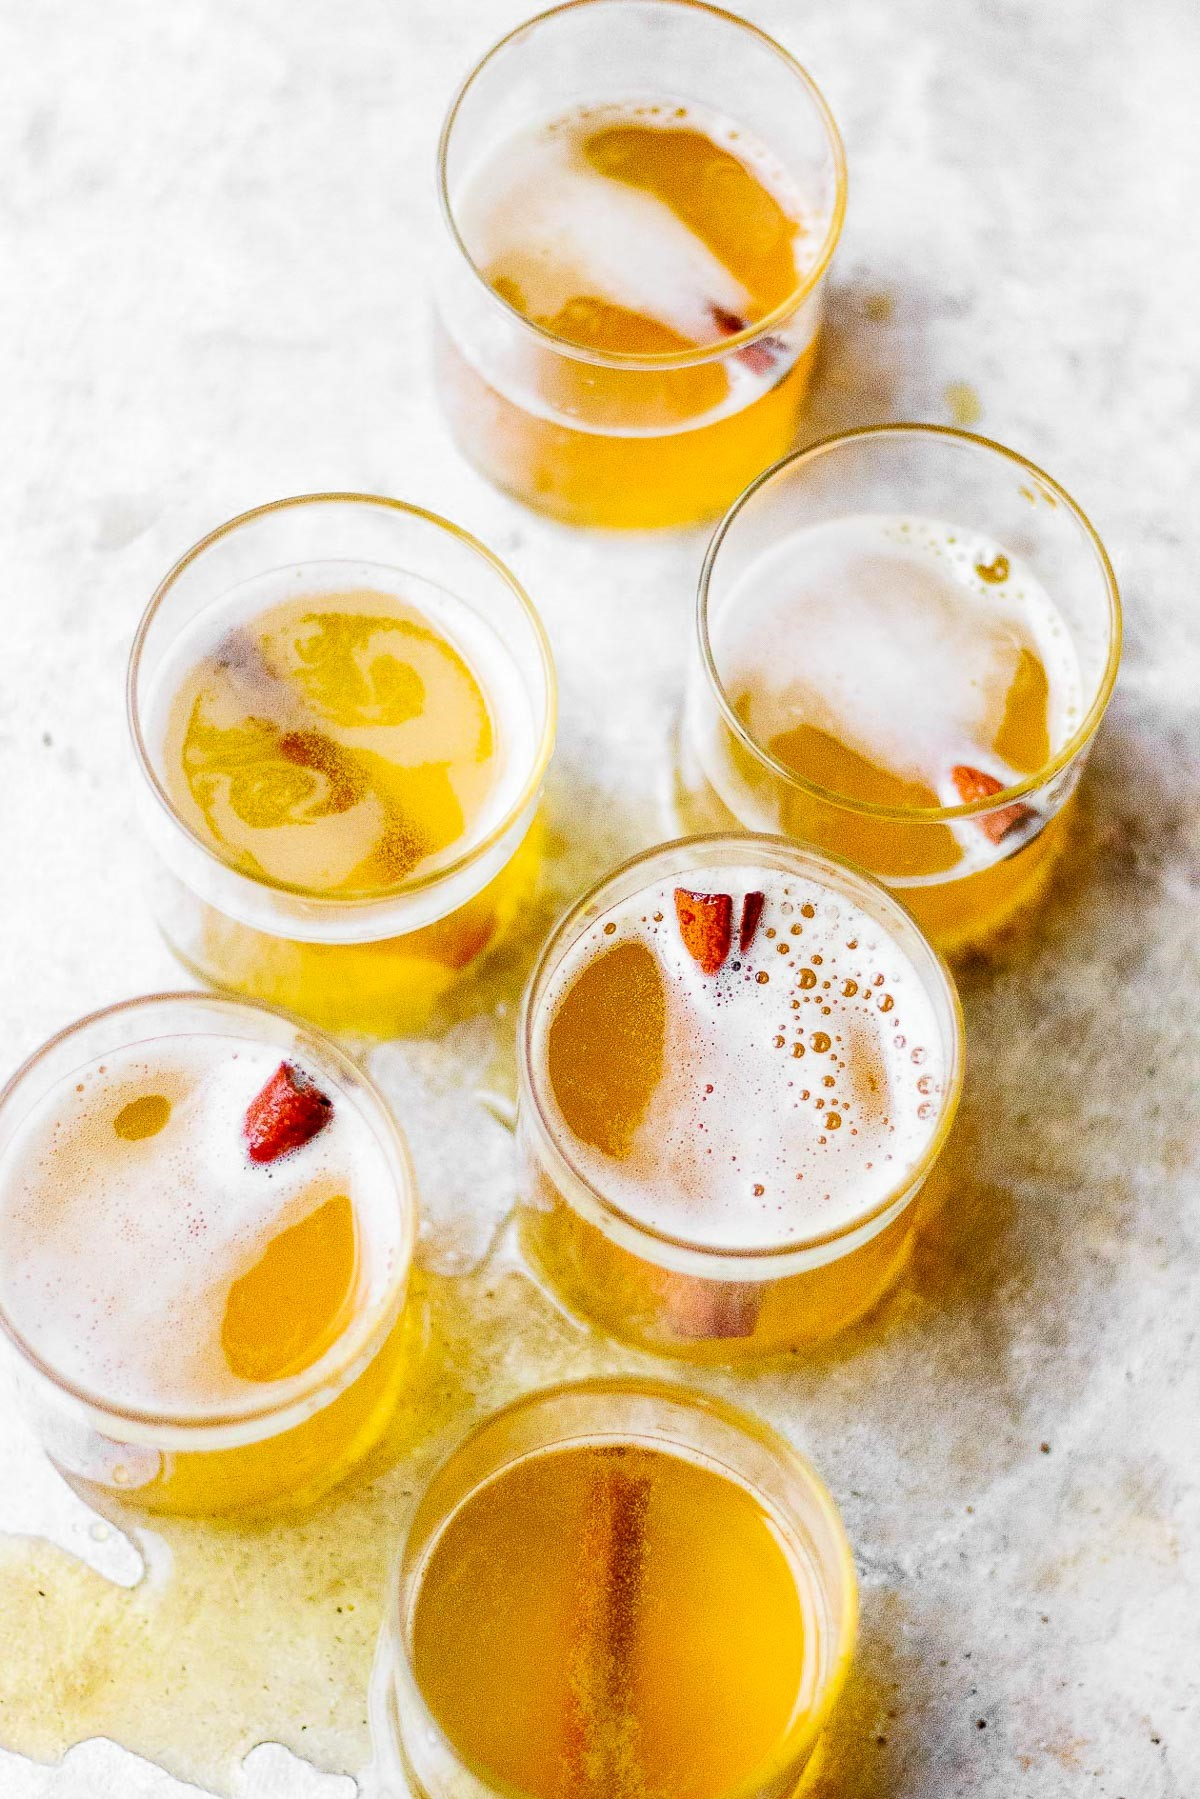 Les vins doux et fruités sont parfaits pour boire seul, des toasts et à l'apéritif.